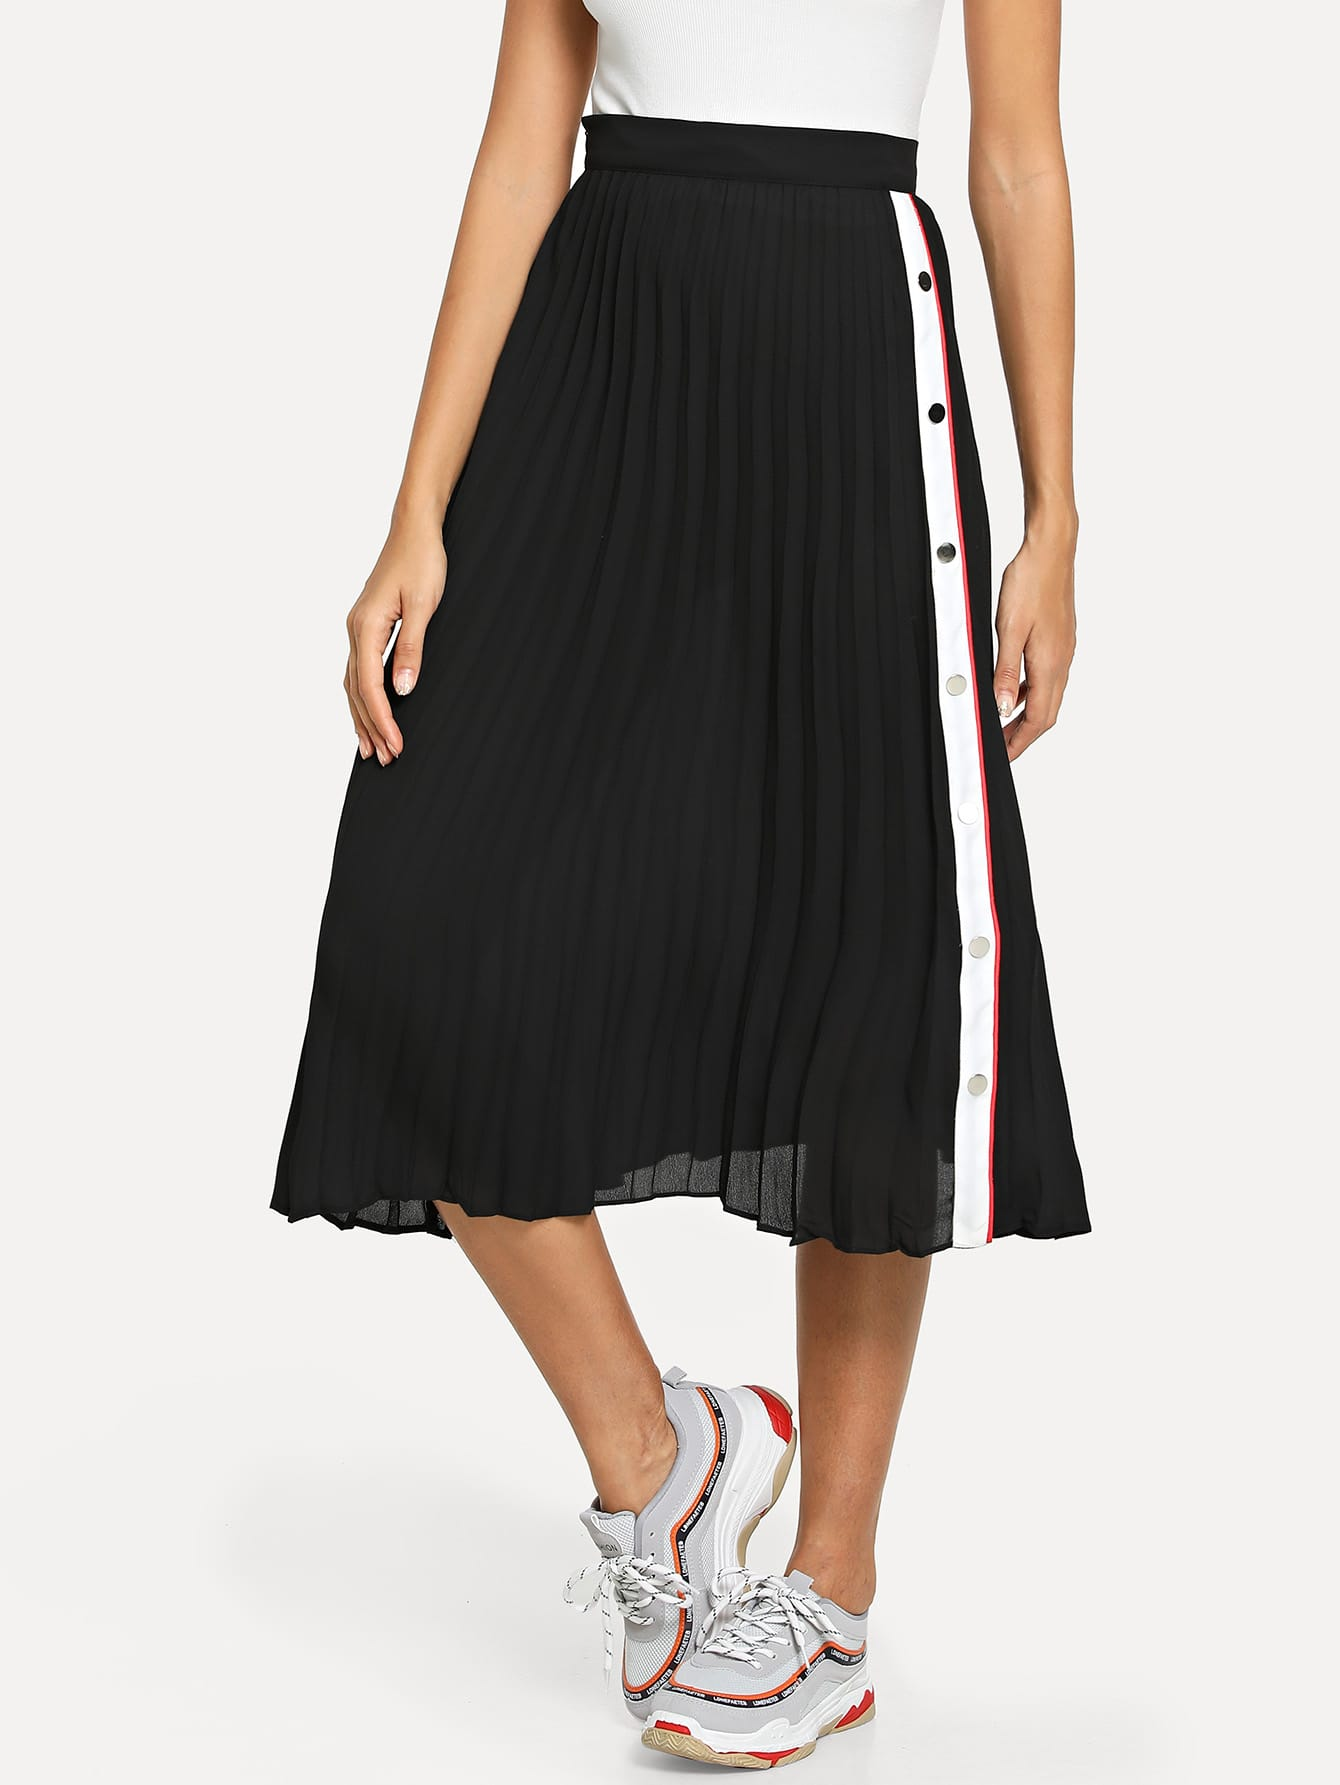 Купить Контрастная юбка со складками в пуговицу сбоку, Giulia, SheIn